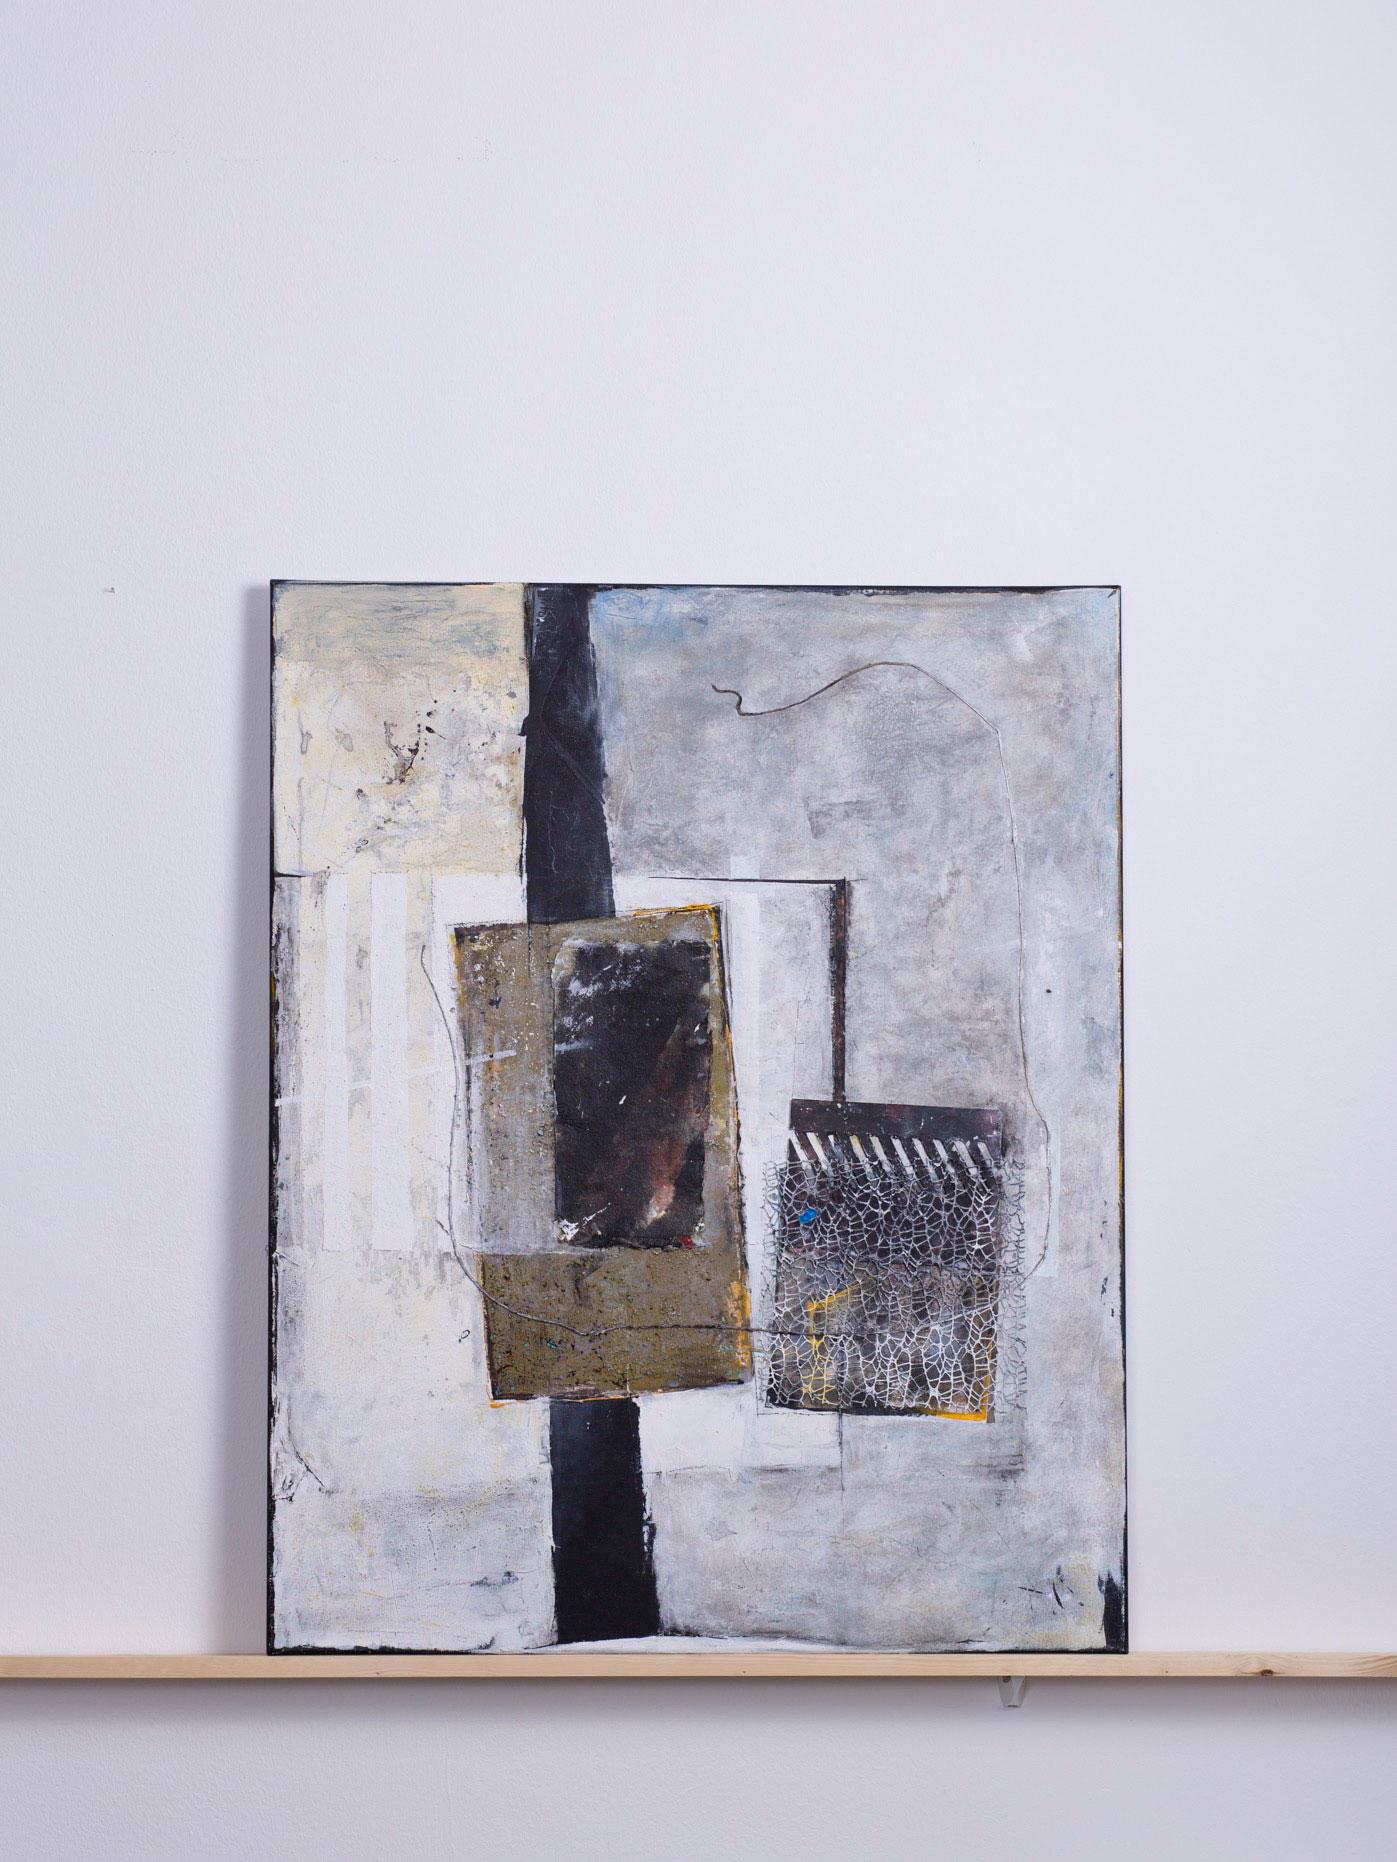 Teonoor, 2013 - 80x100 cm,<br> Acryl, Sand, Pappe und Netz auf Leinwand